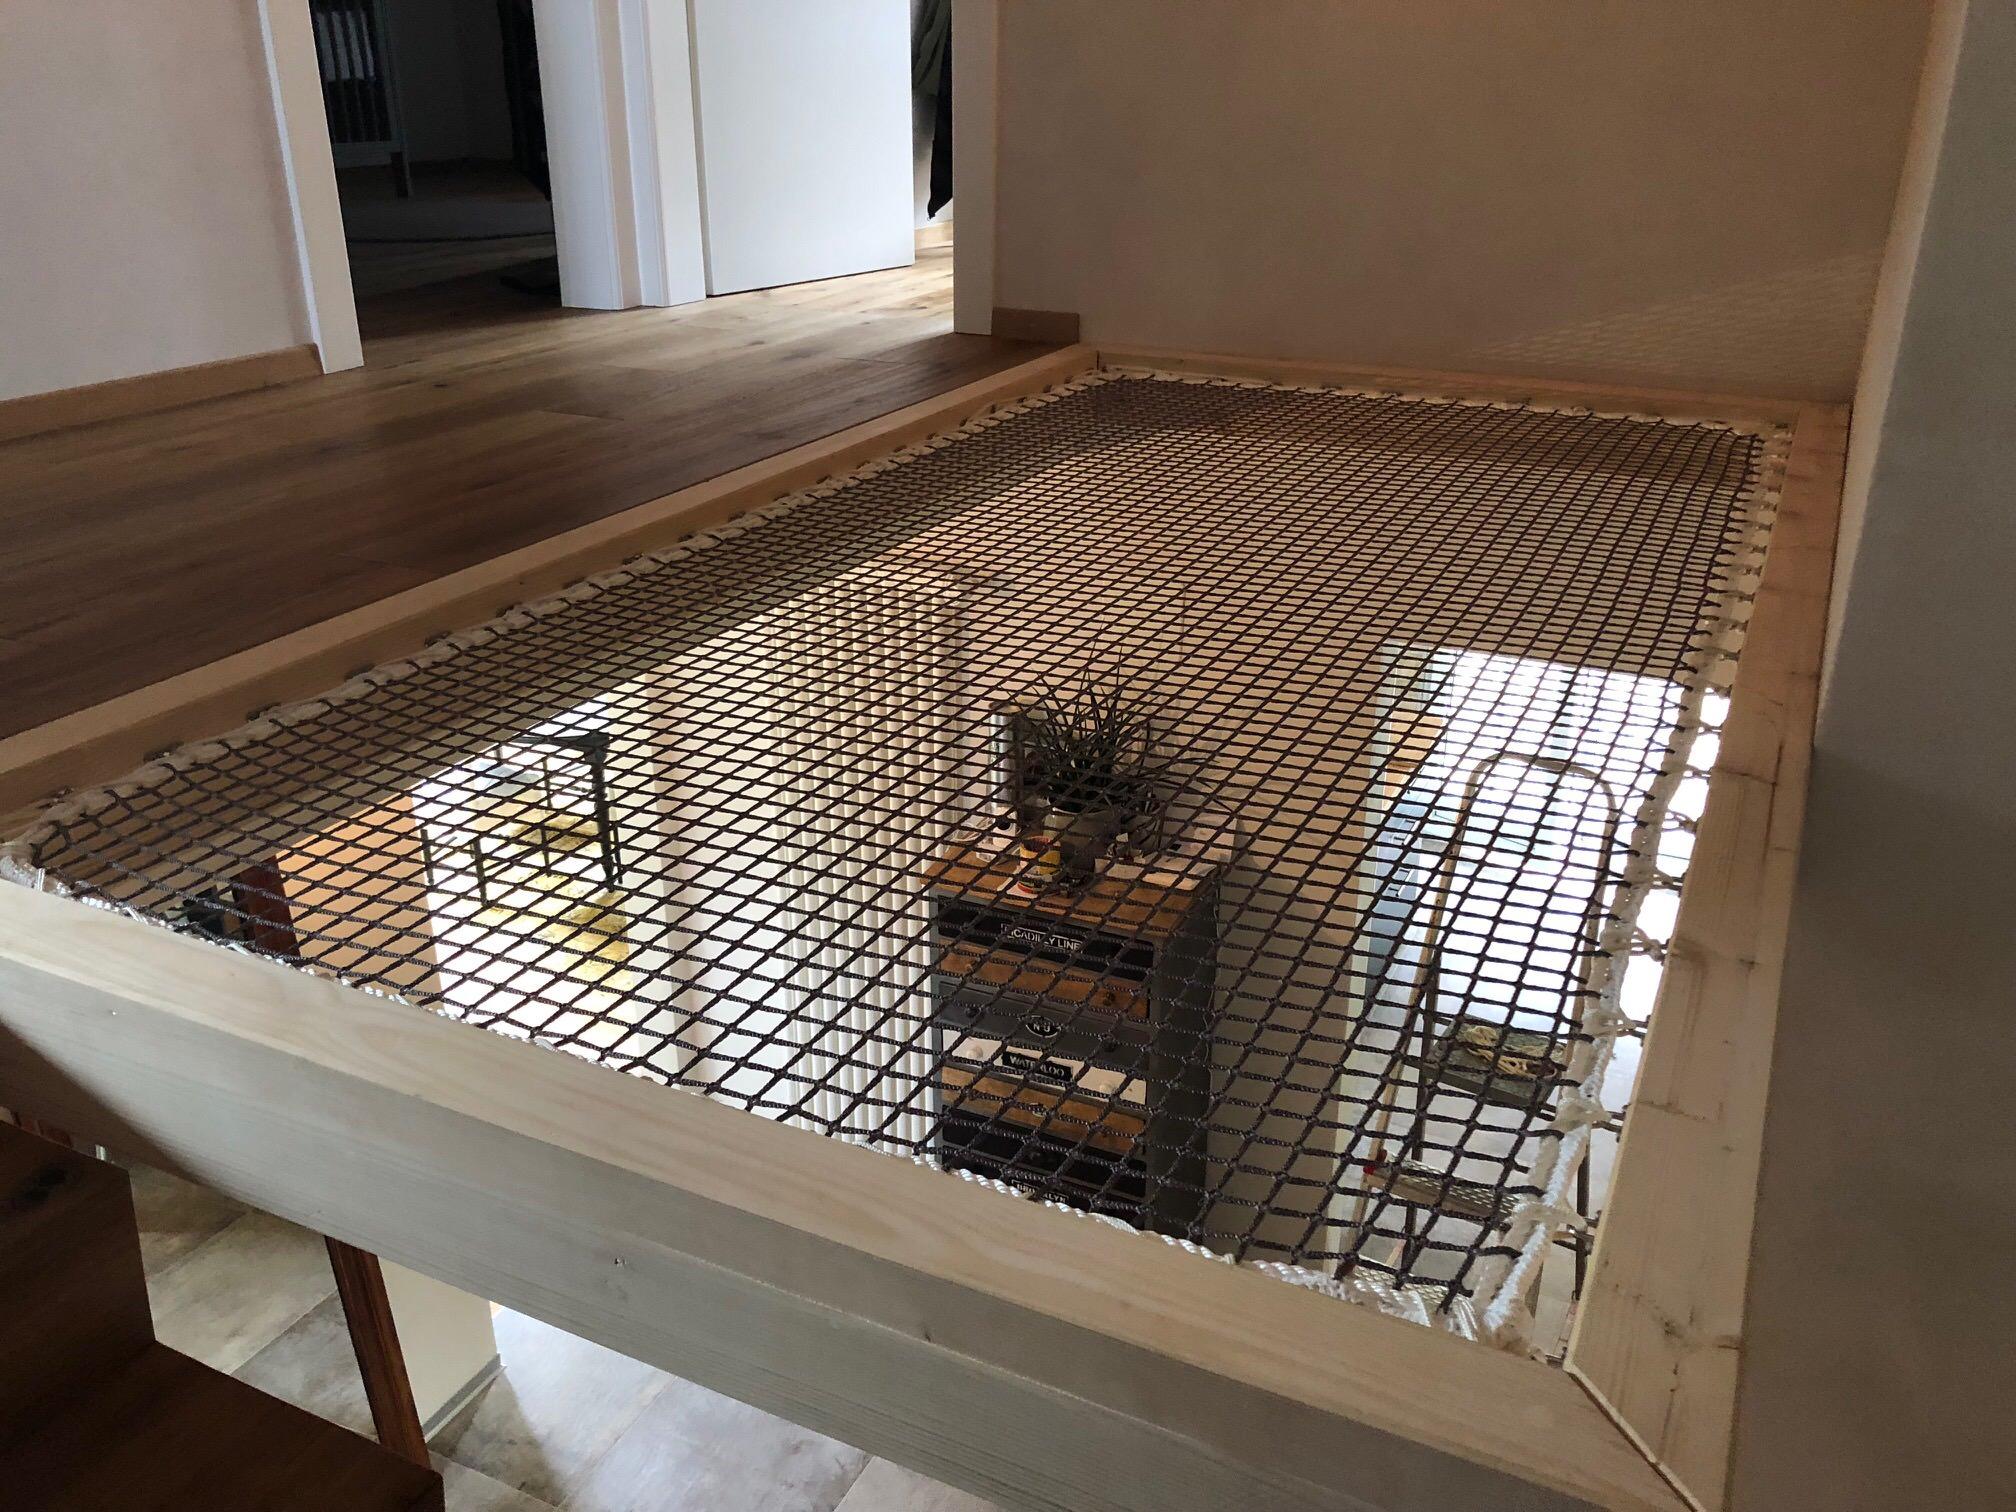 filet de s curit mezzanine filet de protection d 39 habitation int rieur pour mezzanine et garde. Black Bedroom Furniture Sets. Home Design Ideas